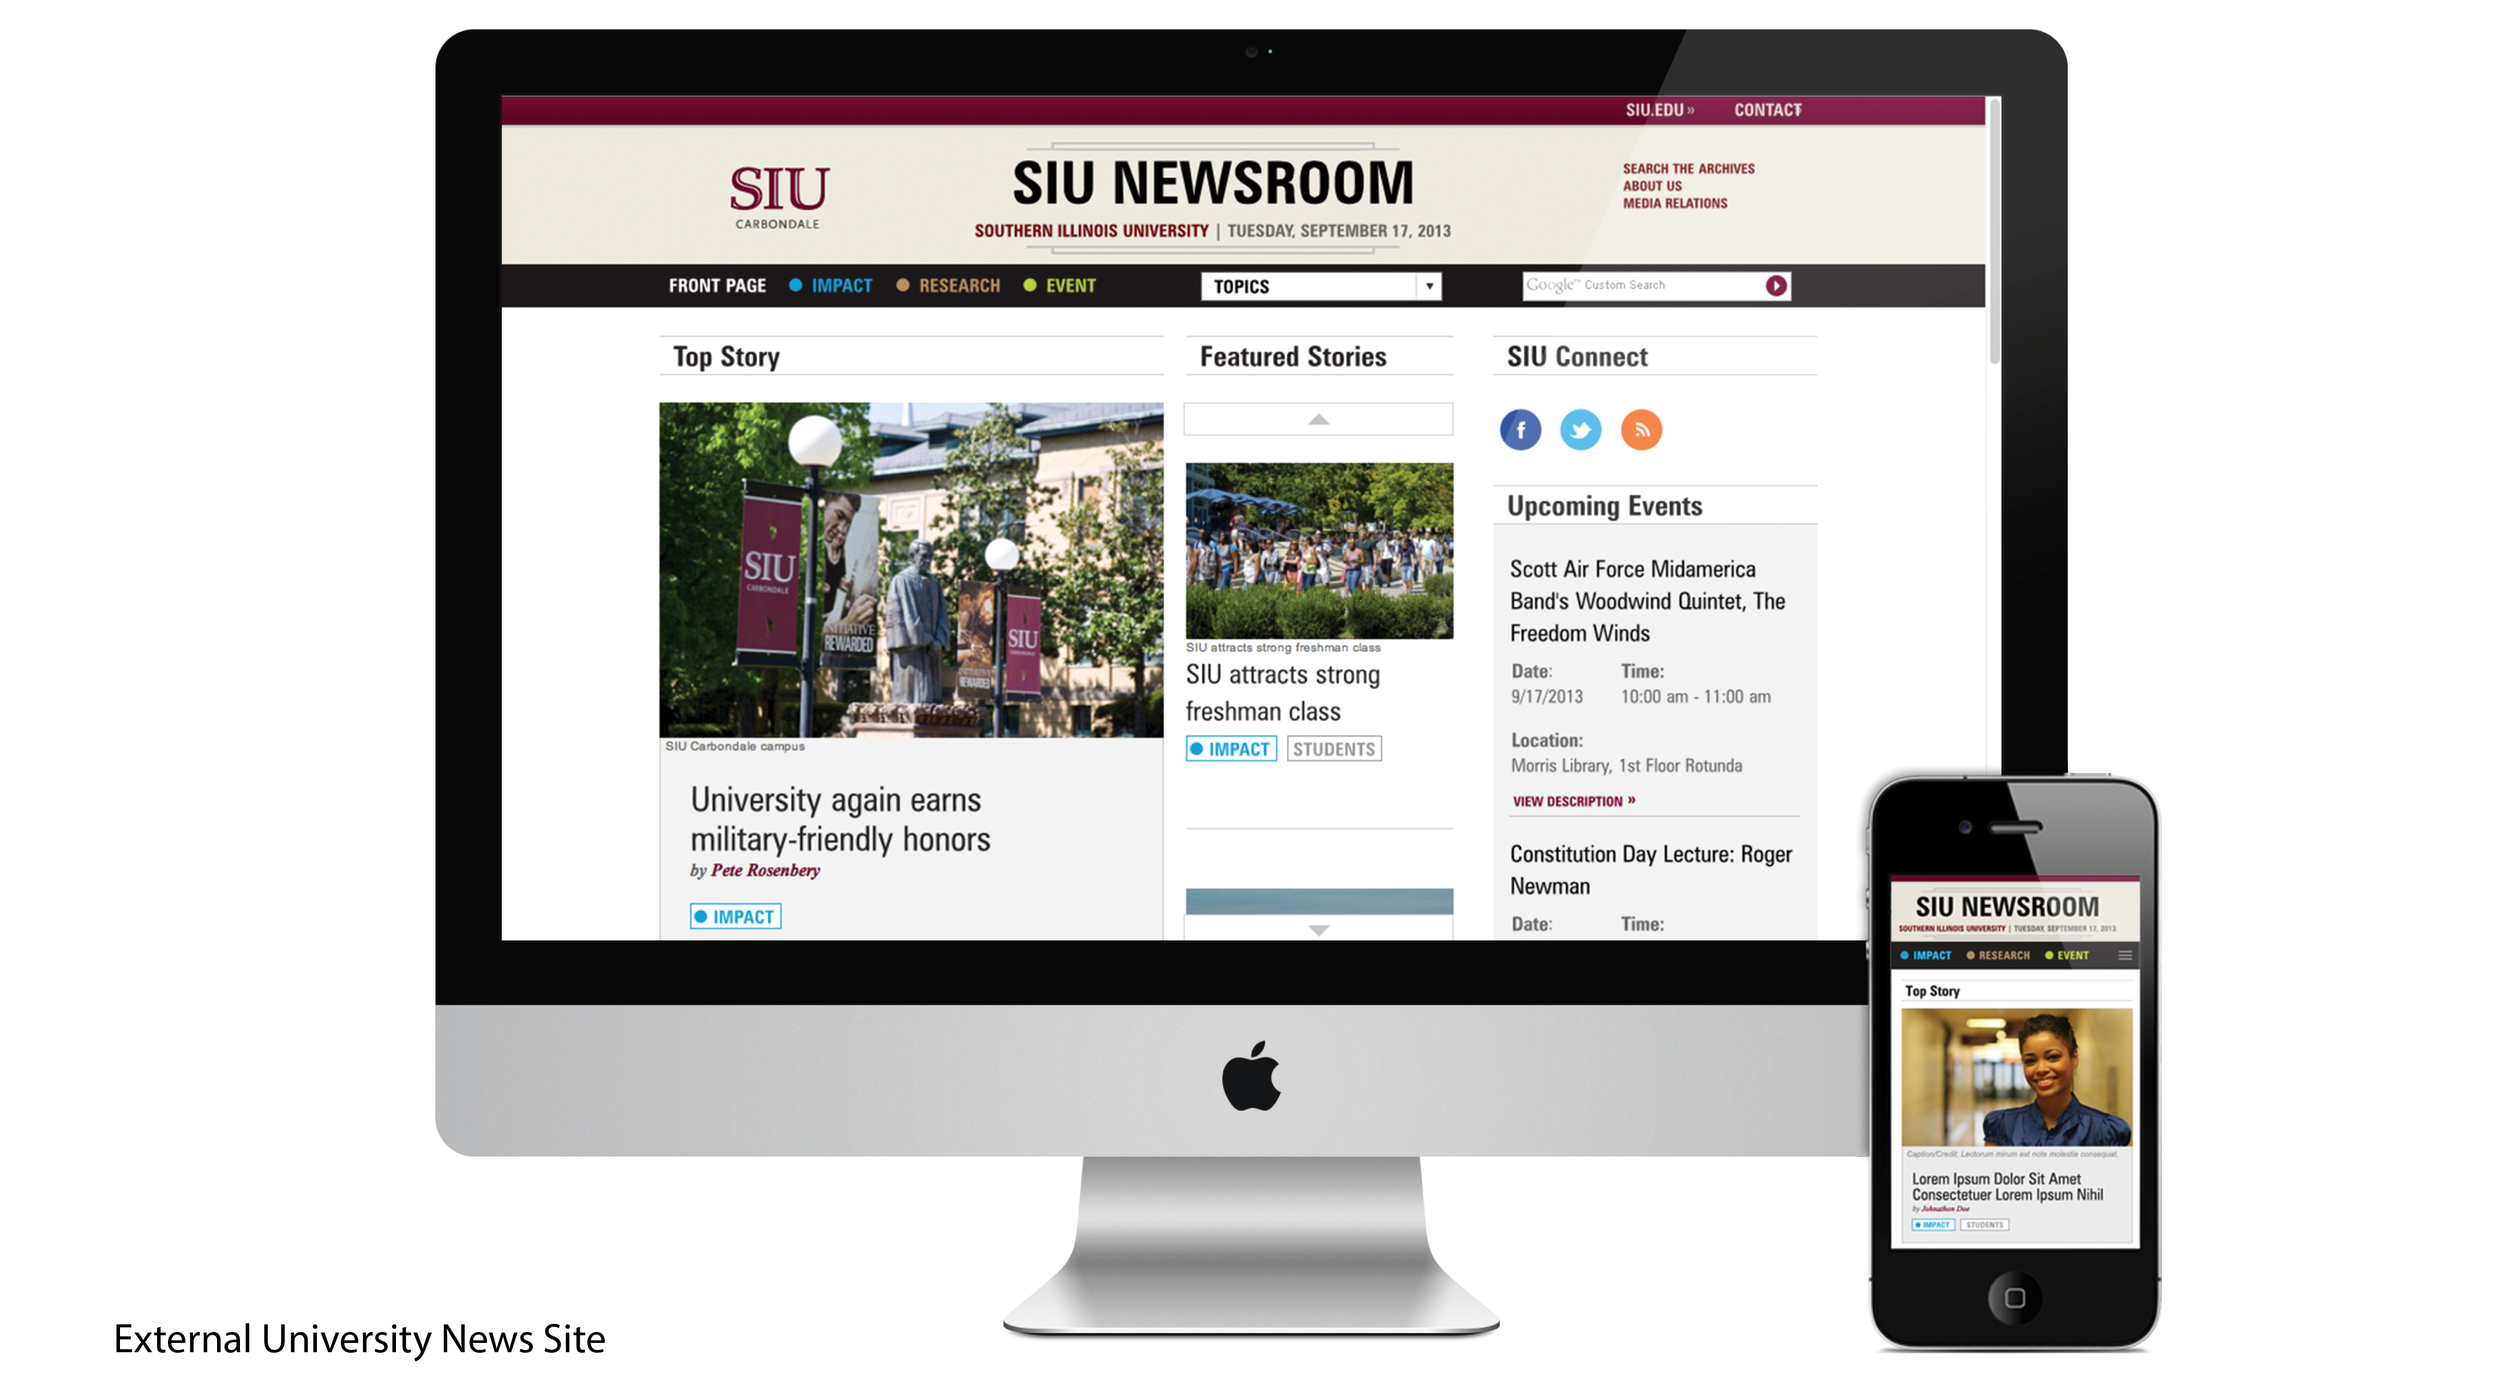 SIU_DigitalSlides4.jpg